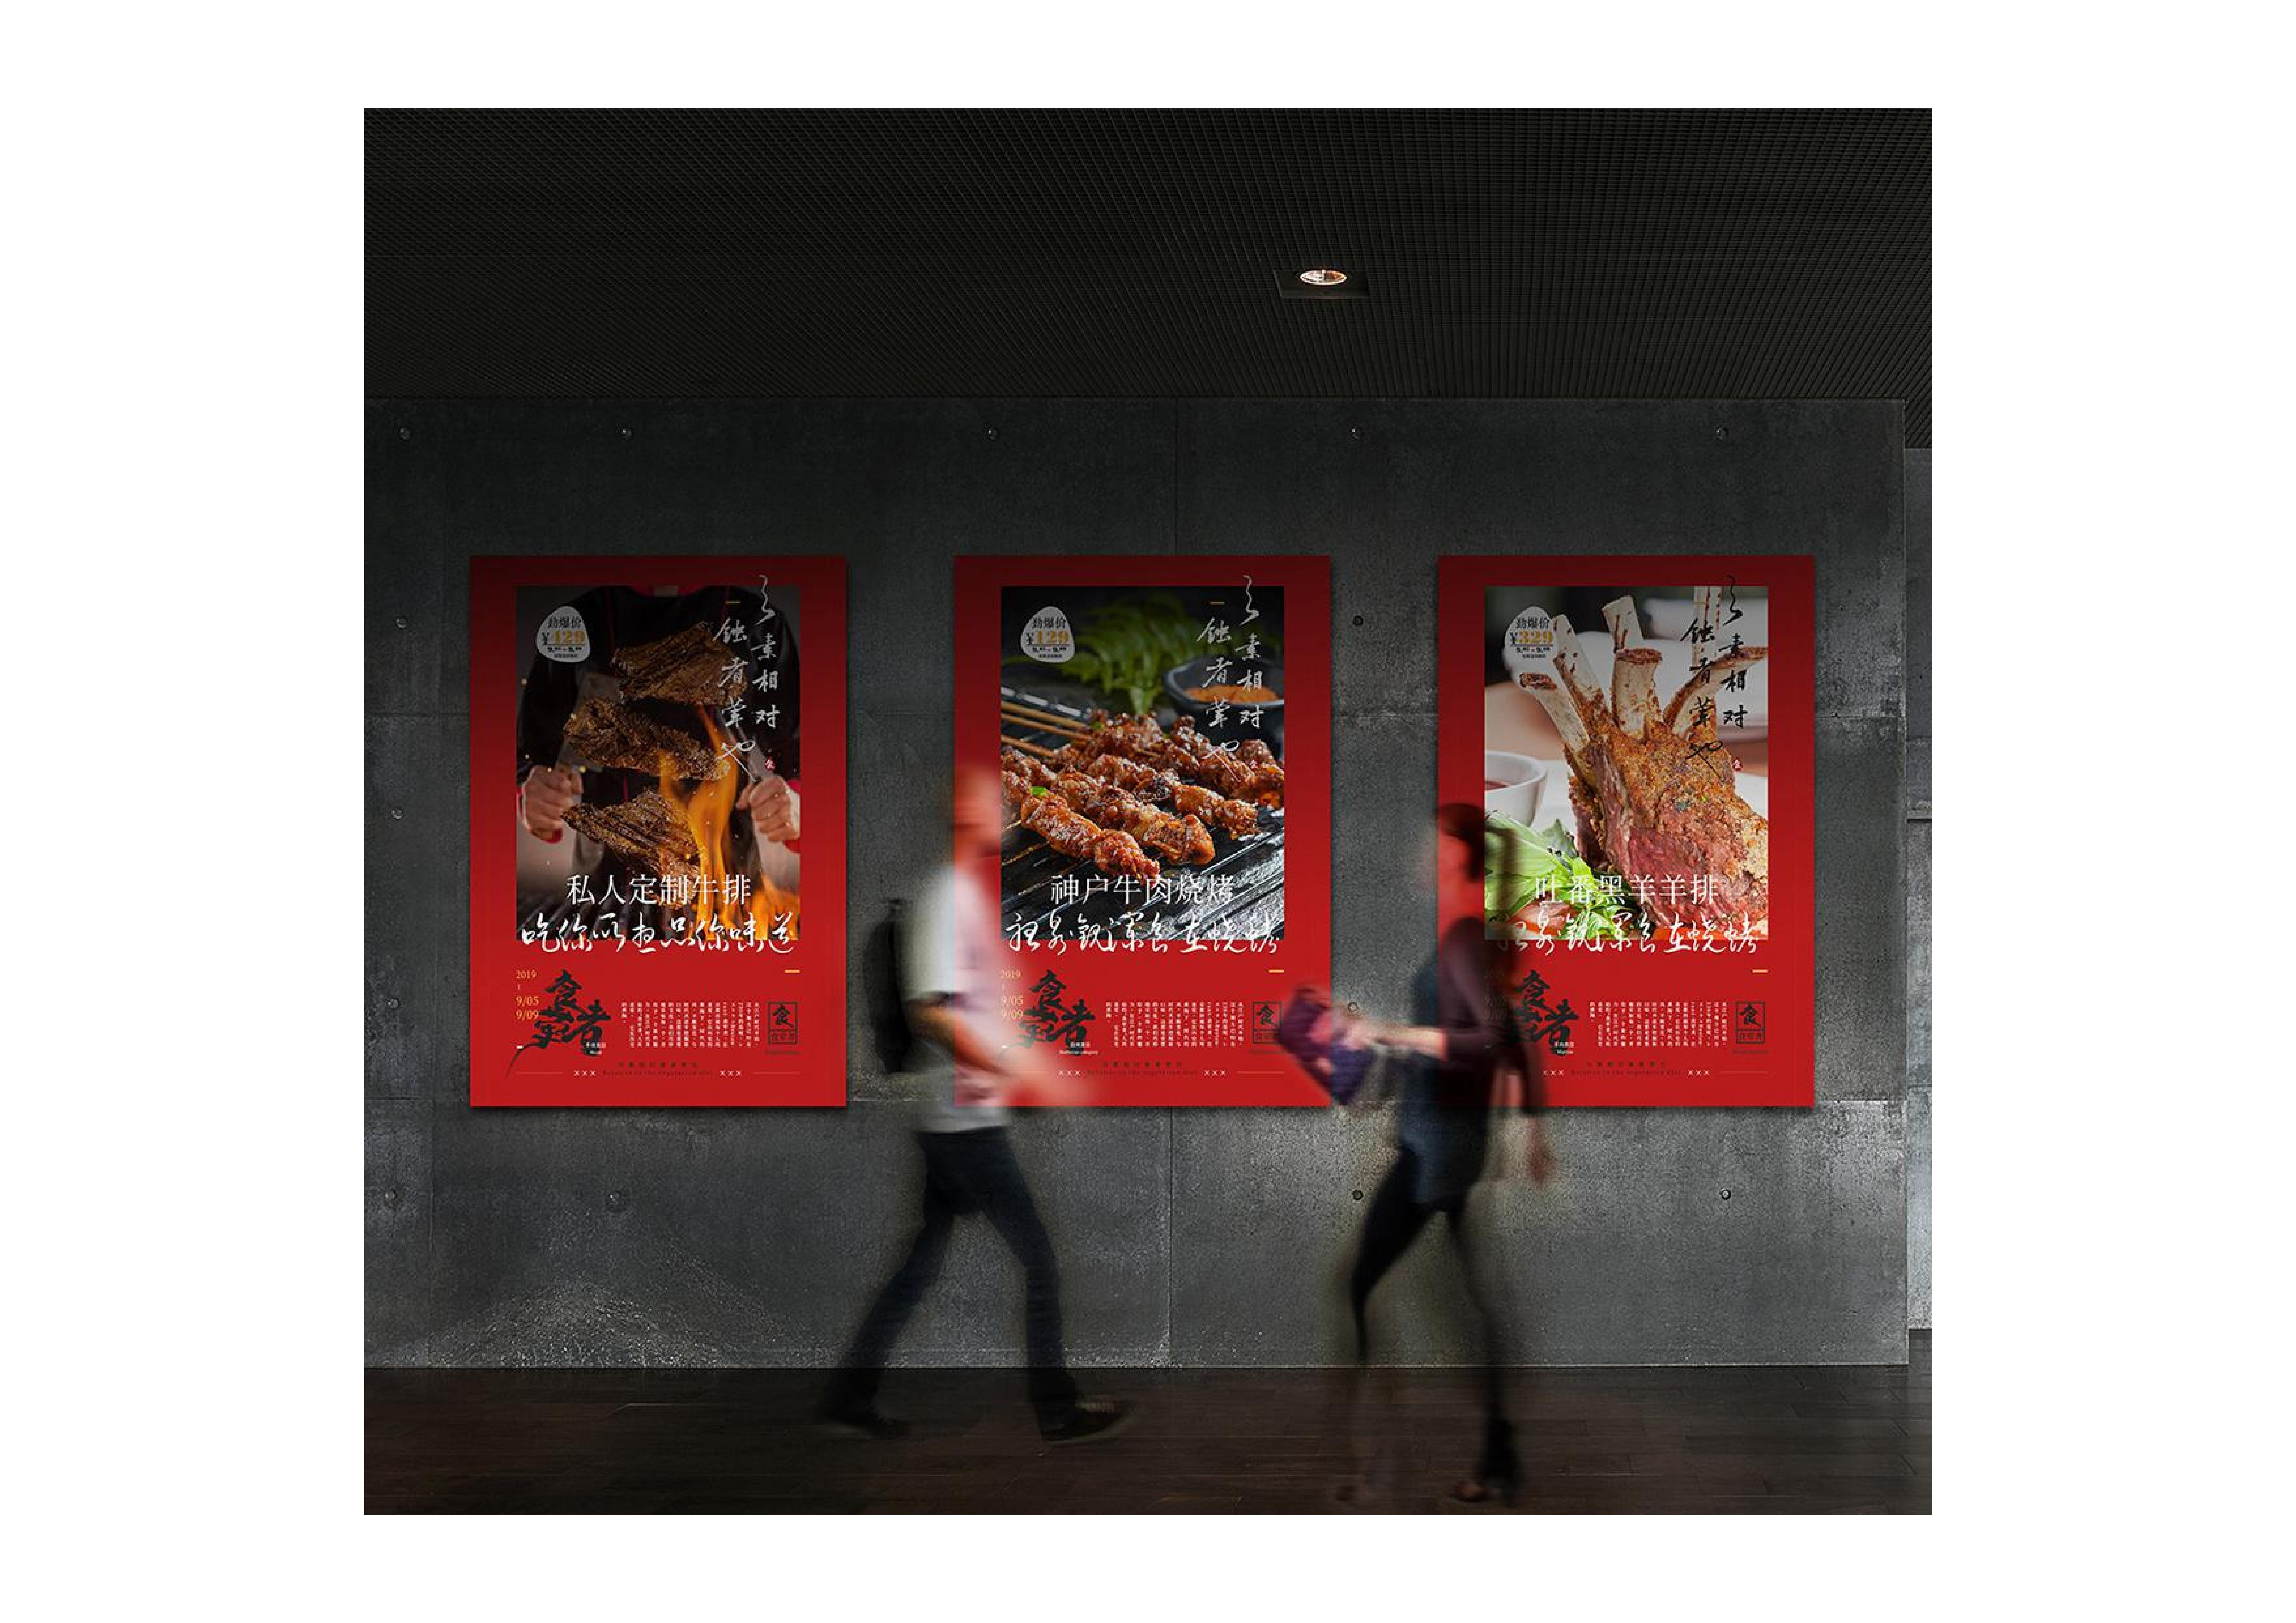 公司企业形象VI设计餐饮农业教育互联网VIS视觉系统全套设计